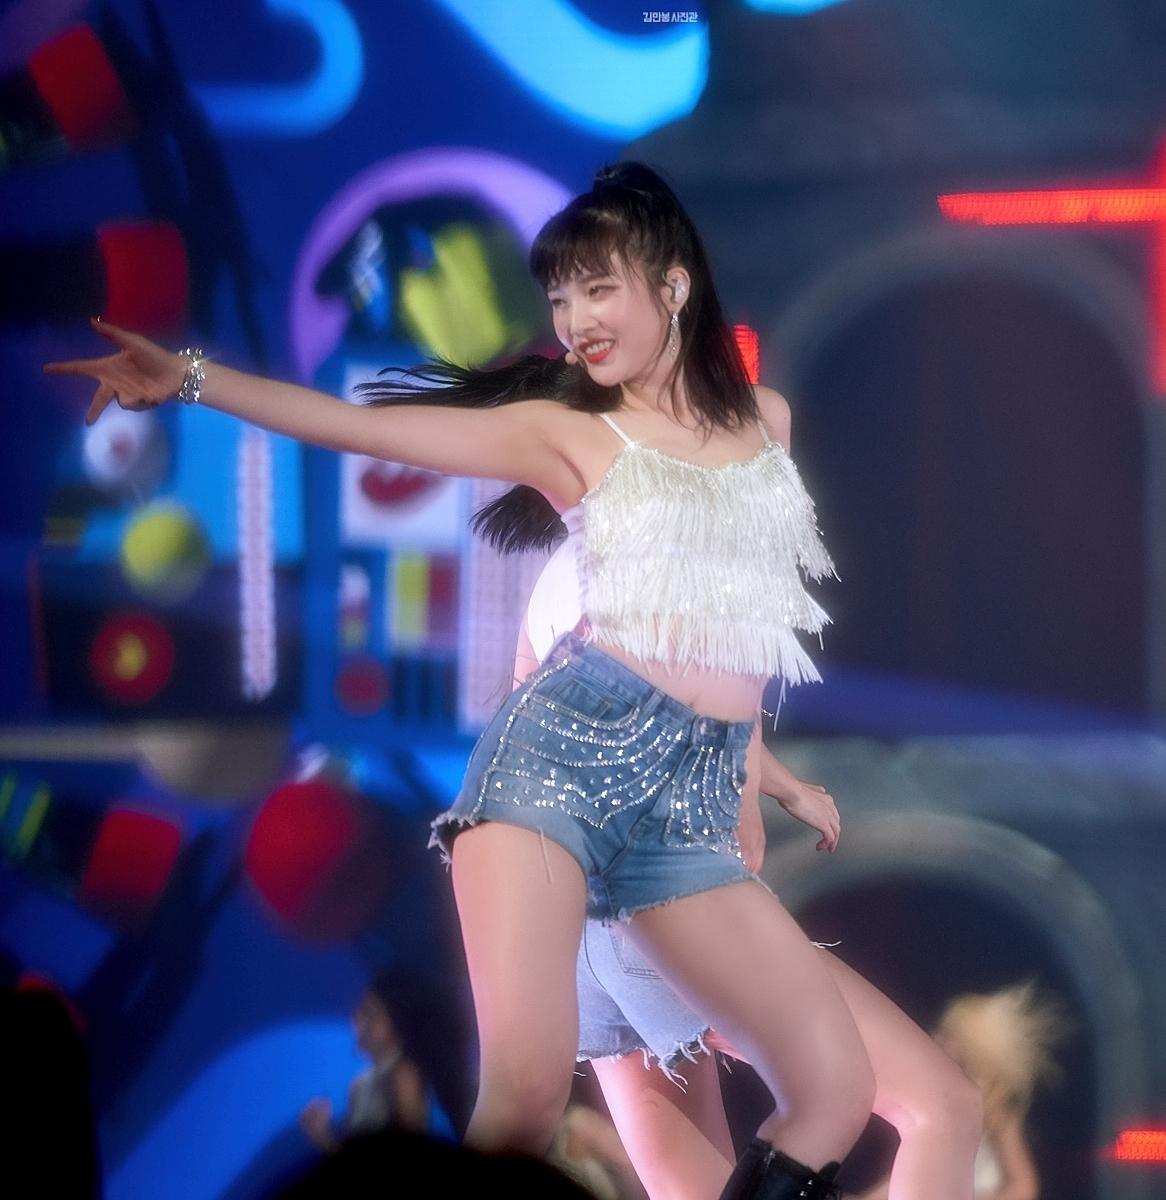 Joy sở hữu lượng fanboy lẫn fangirl đồng đều, là biểu tượng quyến rũ mới của Kpop.Mỗi khi xuất hiện, cô nàng luôn là tâm điểm vì vẻ ngoài quyến rũ, hình thể chuẩn.